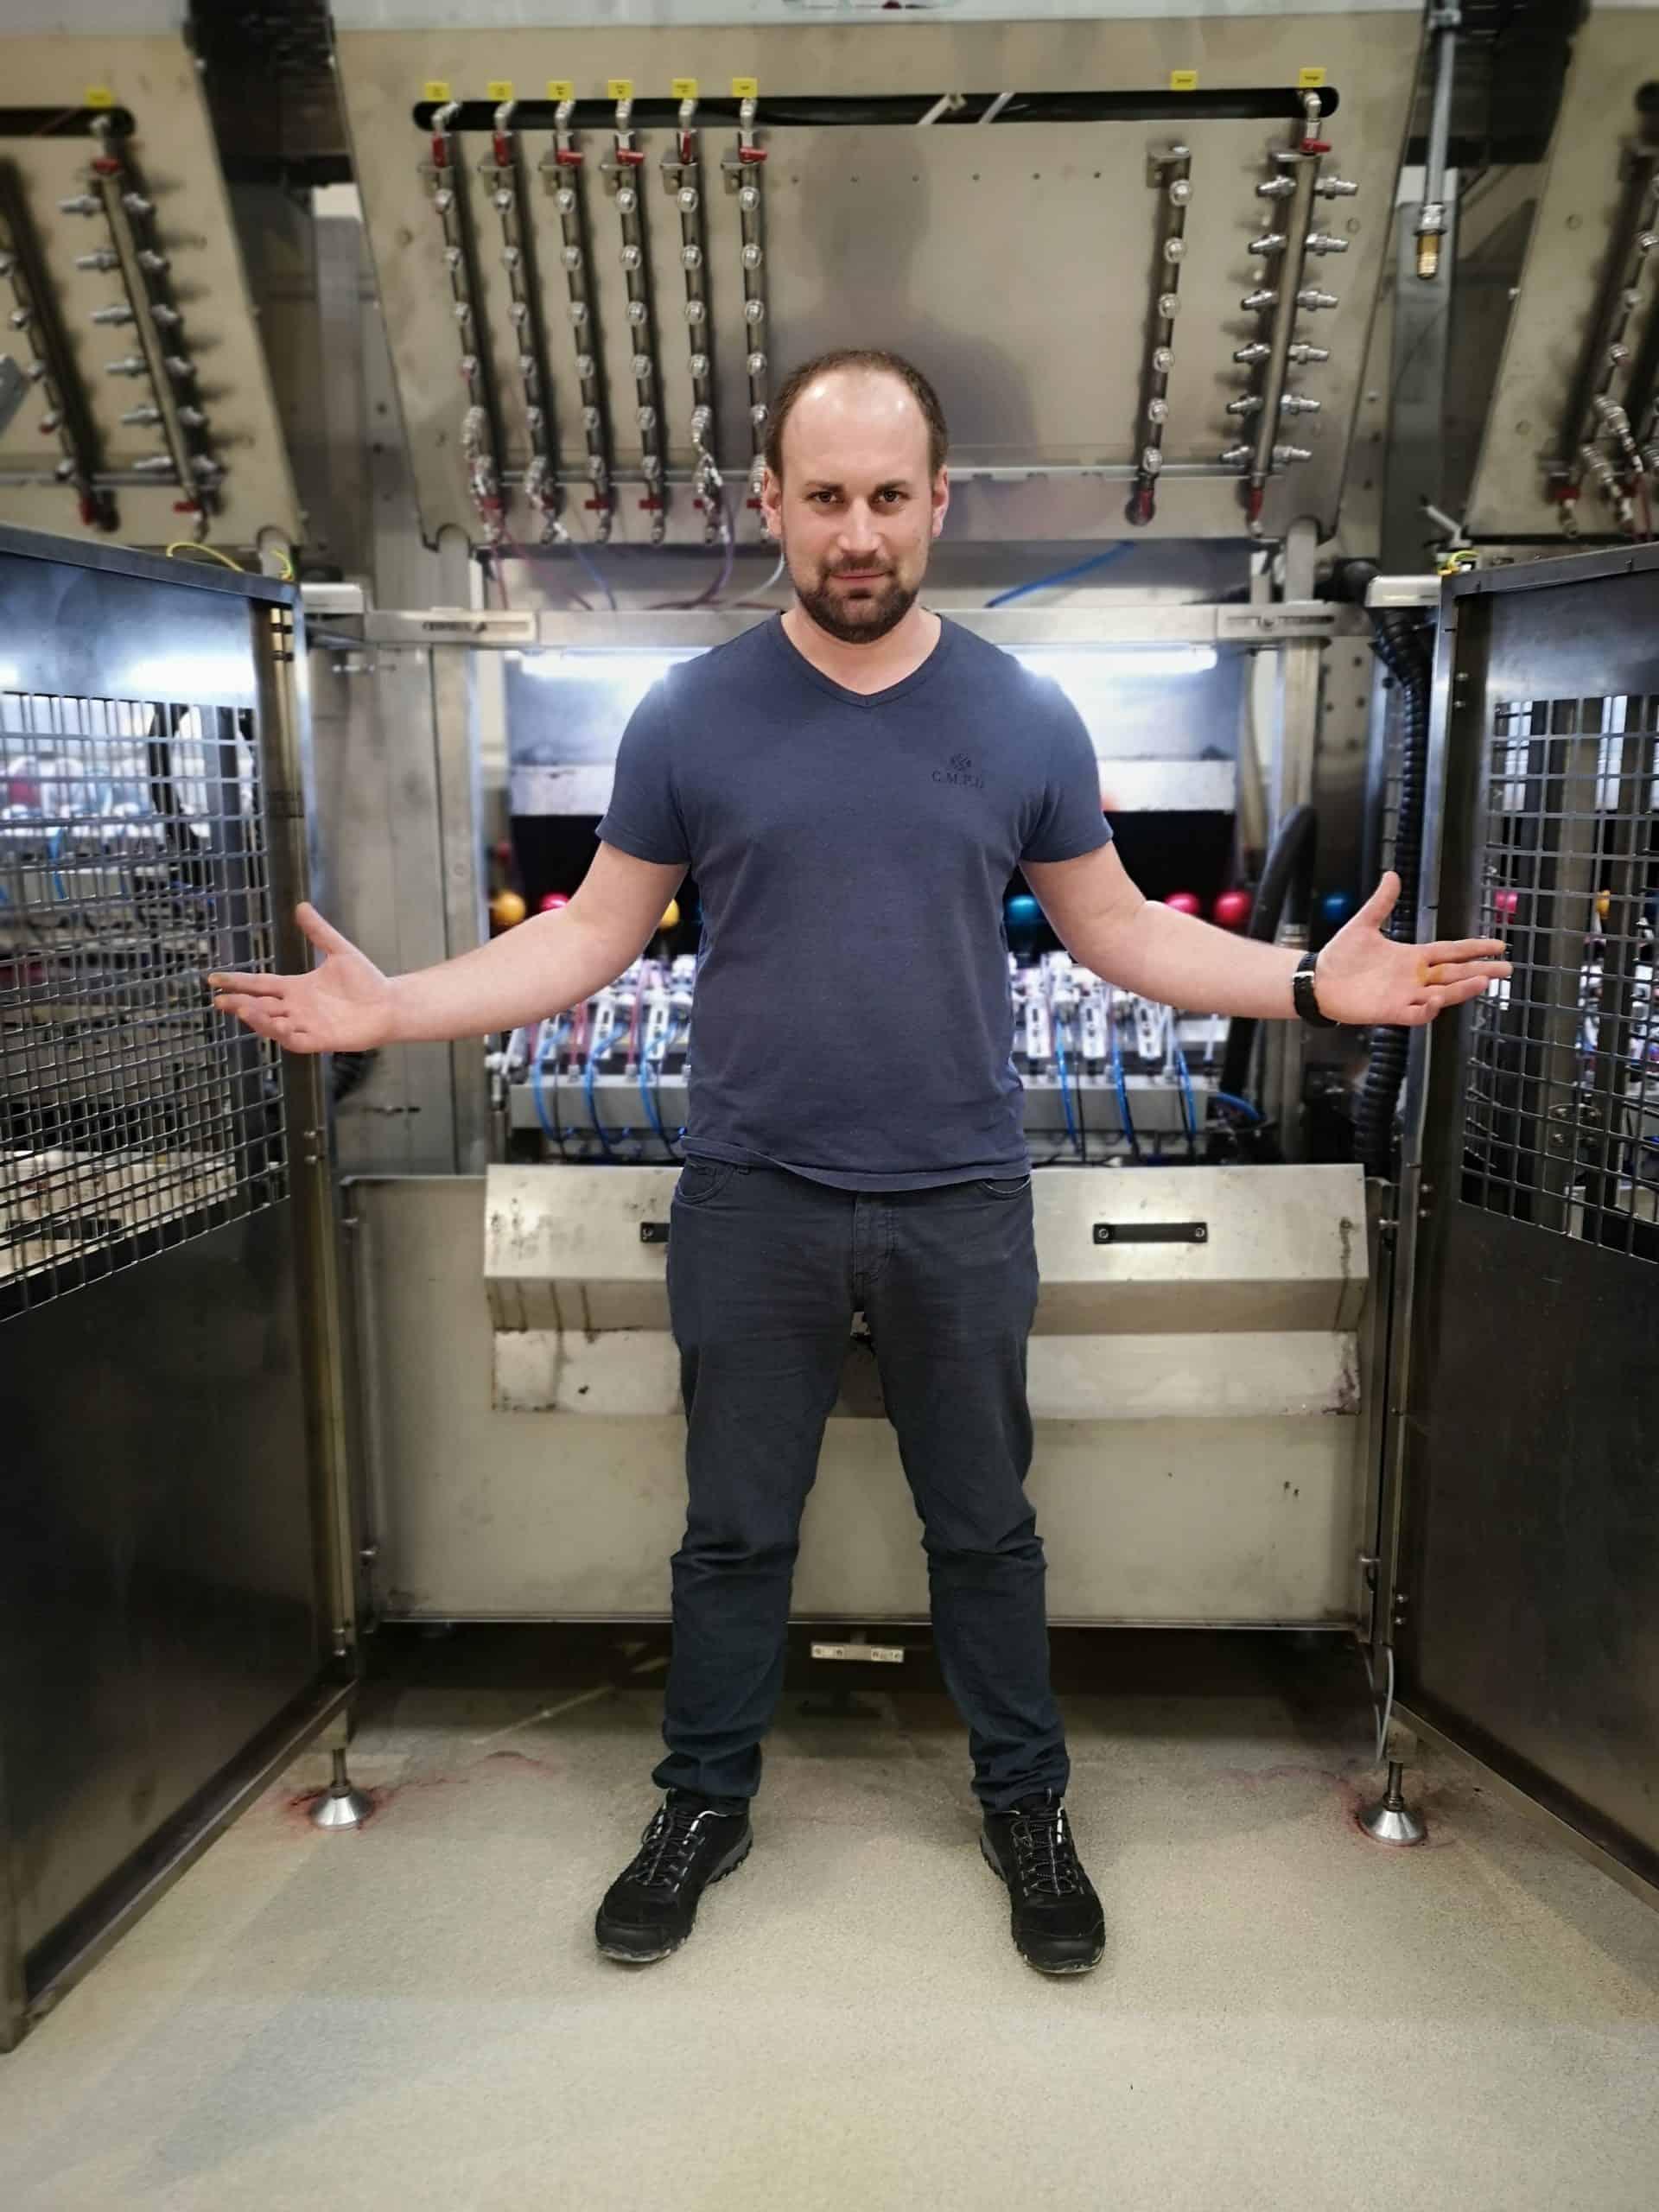 Der Egg-Master - Martin Schrall vor seiner Eierspritzmaschine :-)